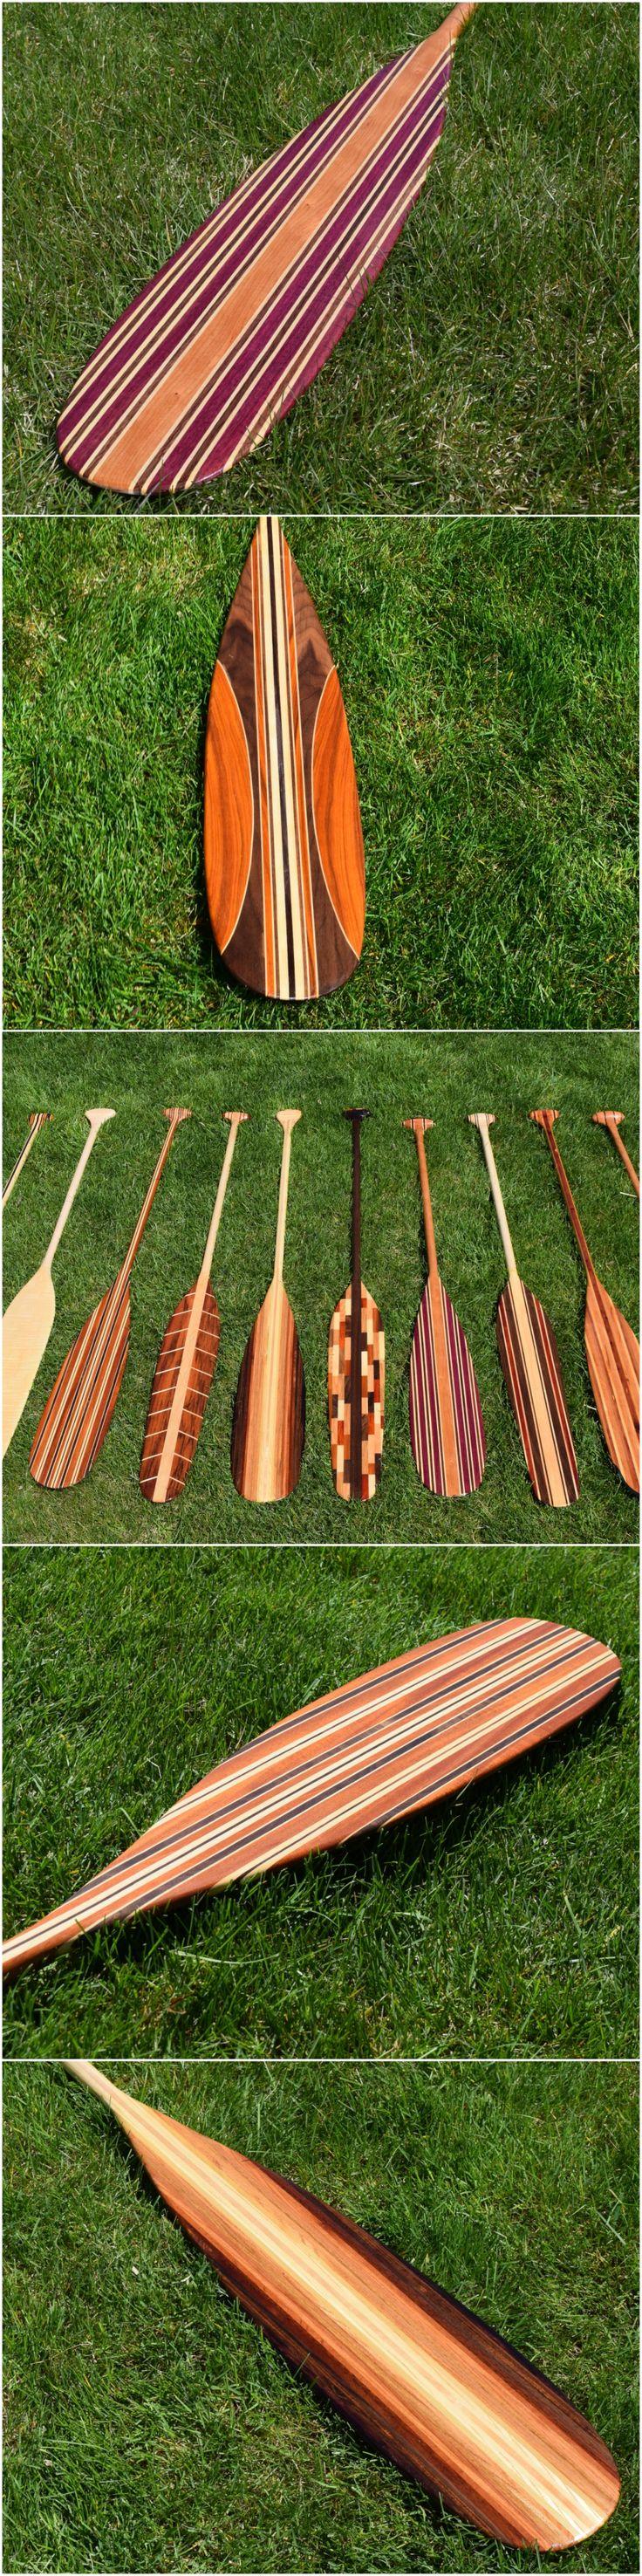 Deppen custom wood canoe paddles - Custom Canoe Paddles By Winnebago Paddles Winnebagopaddles